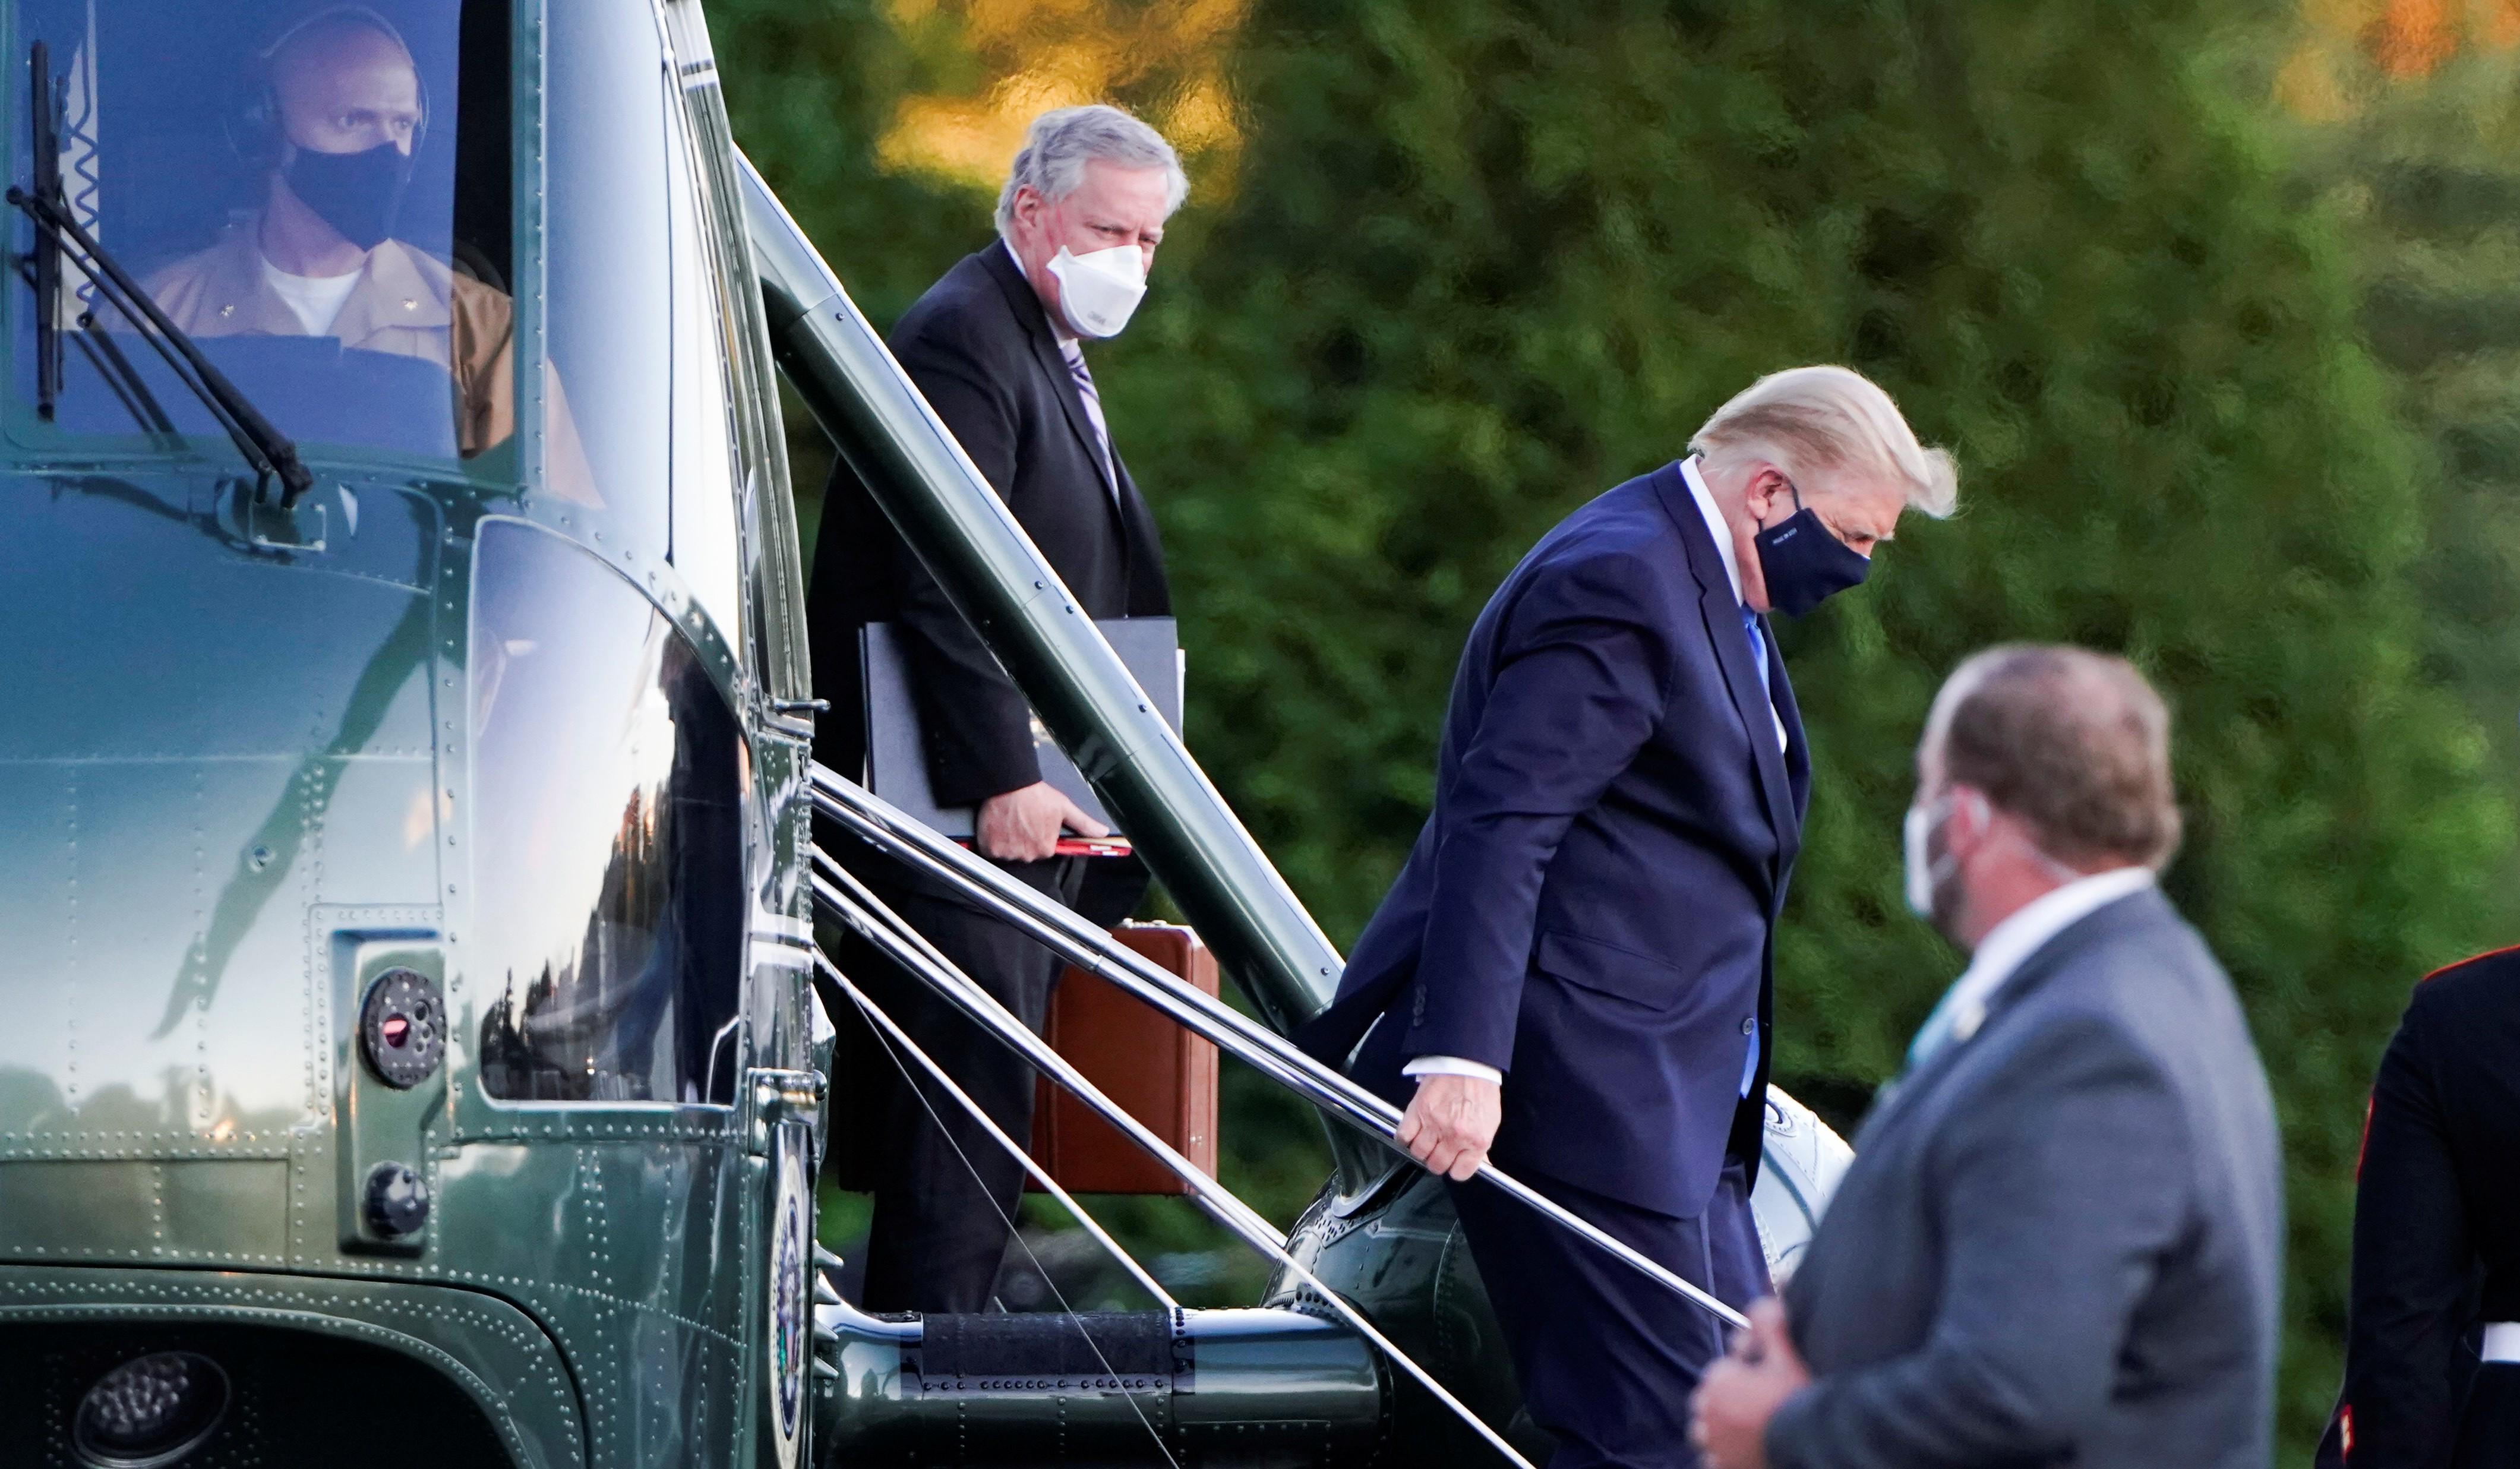 Horas antes de divulgar que estava doente, Trump recebeu resultado de teste rápido positivo para Covid-19, mas não revelou, segundo jornal